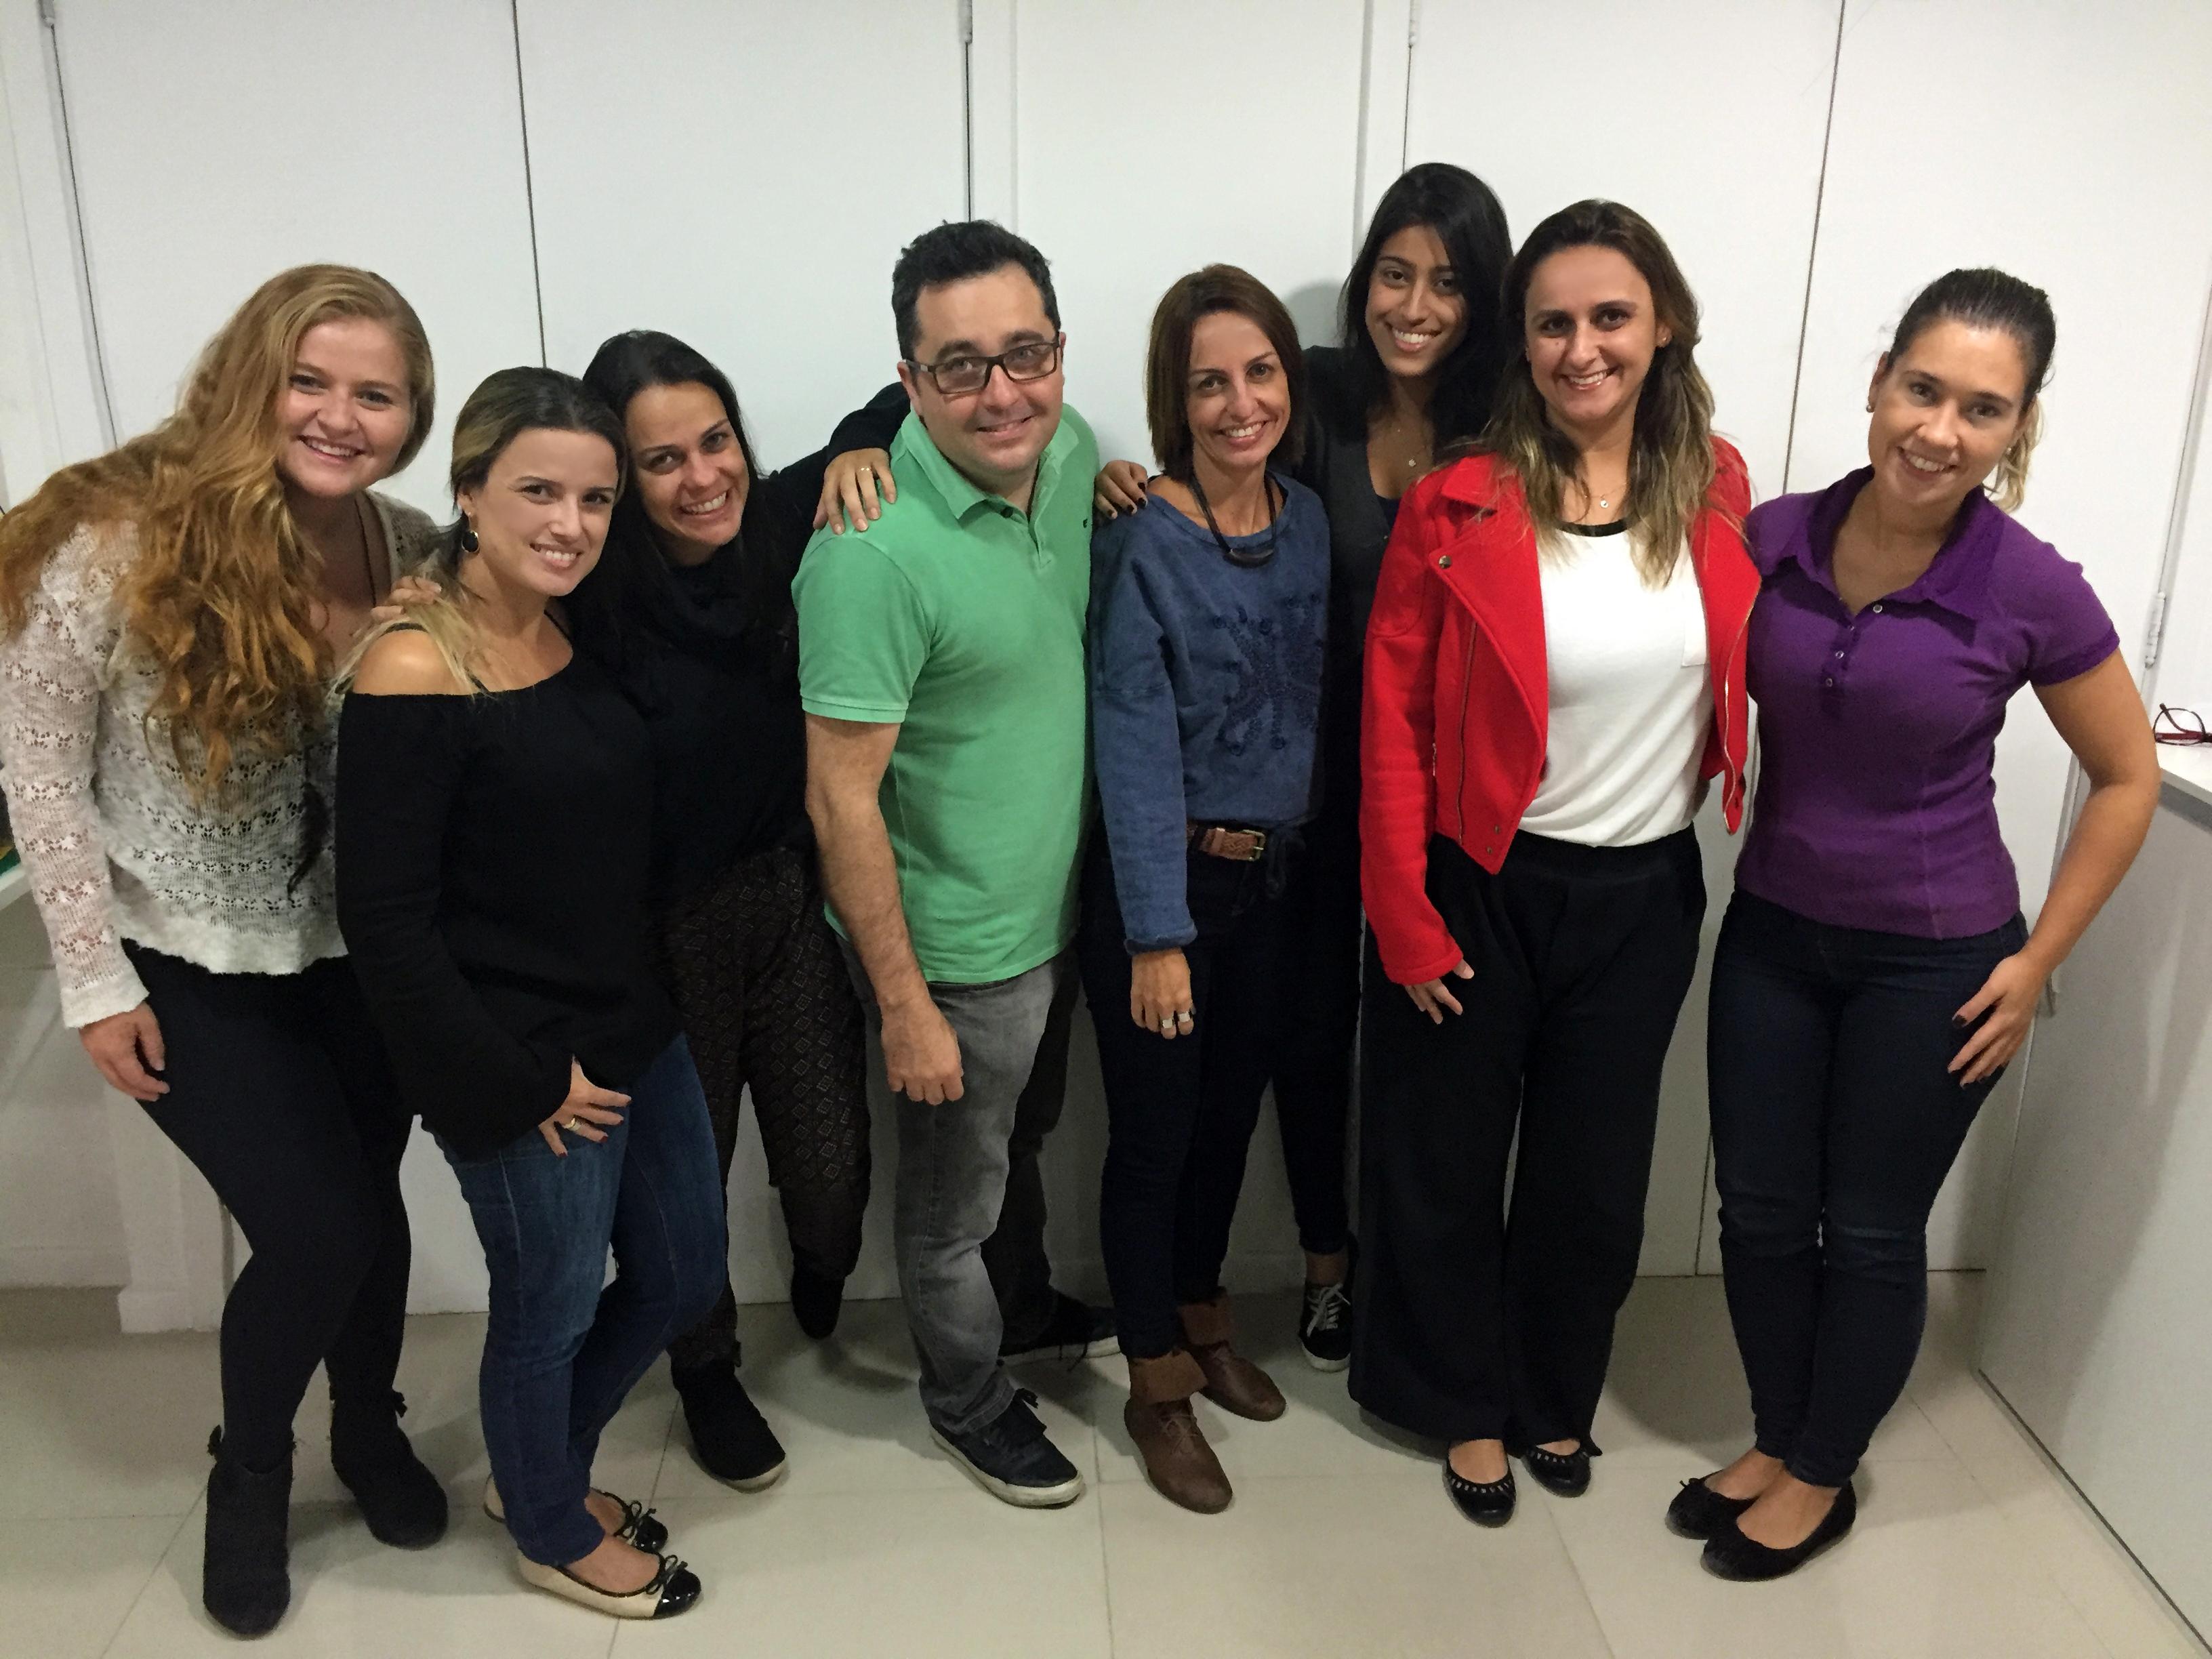 Celso Fortes, fundador da agência Novos Elementos, com a equipe feminina da empresa. Foto: Divulgação / Novos Elementos